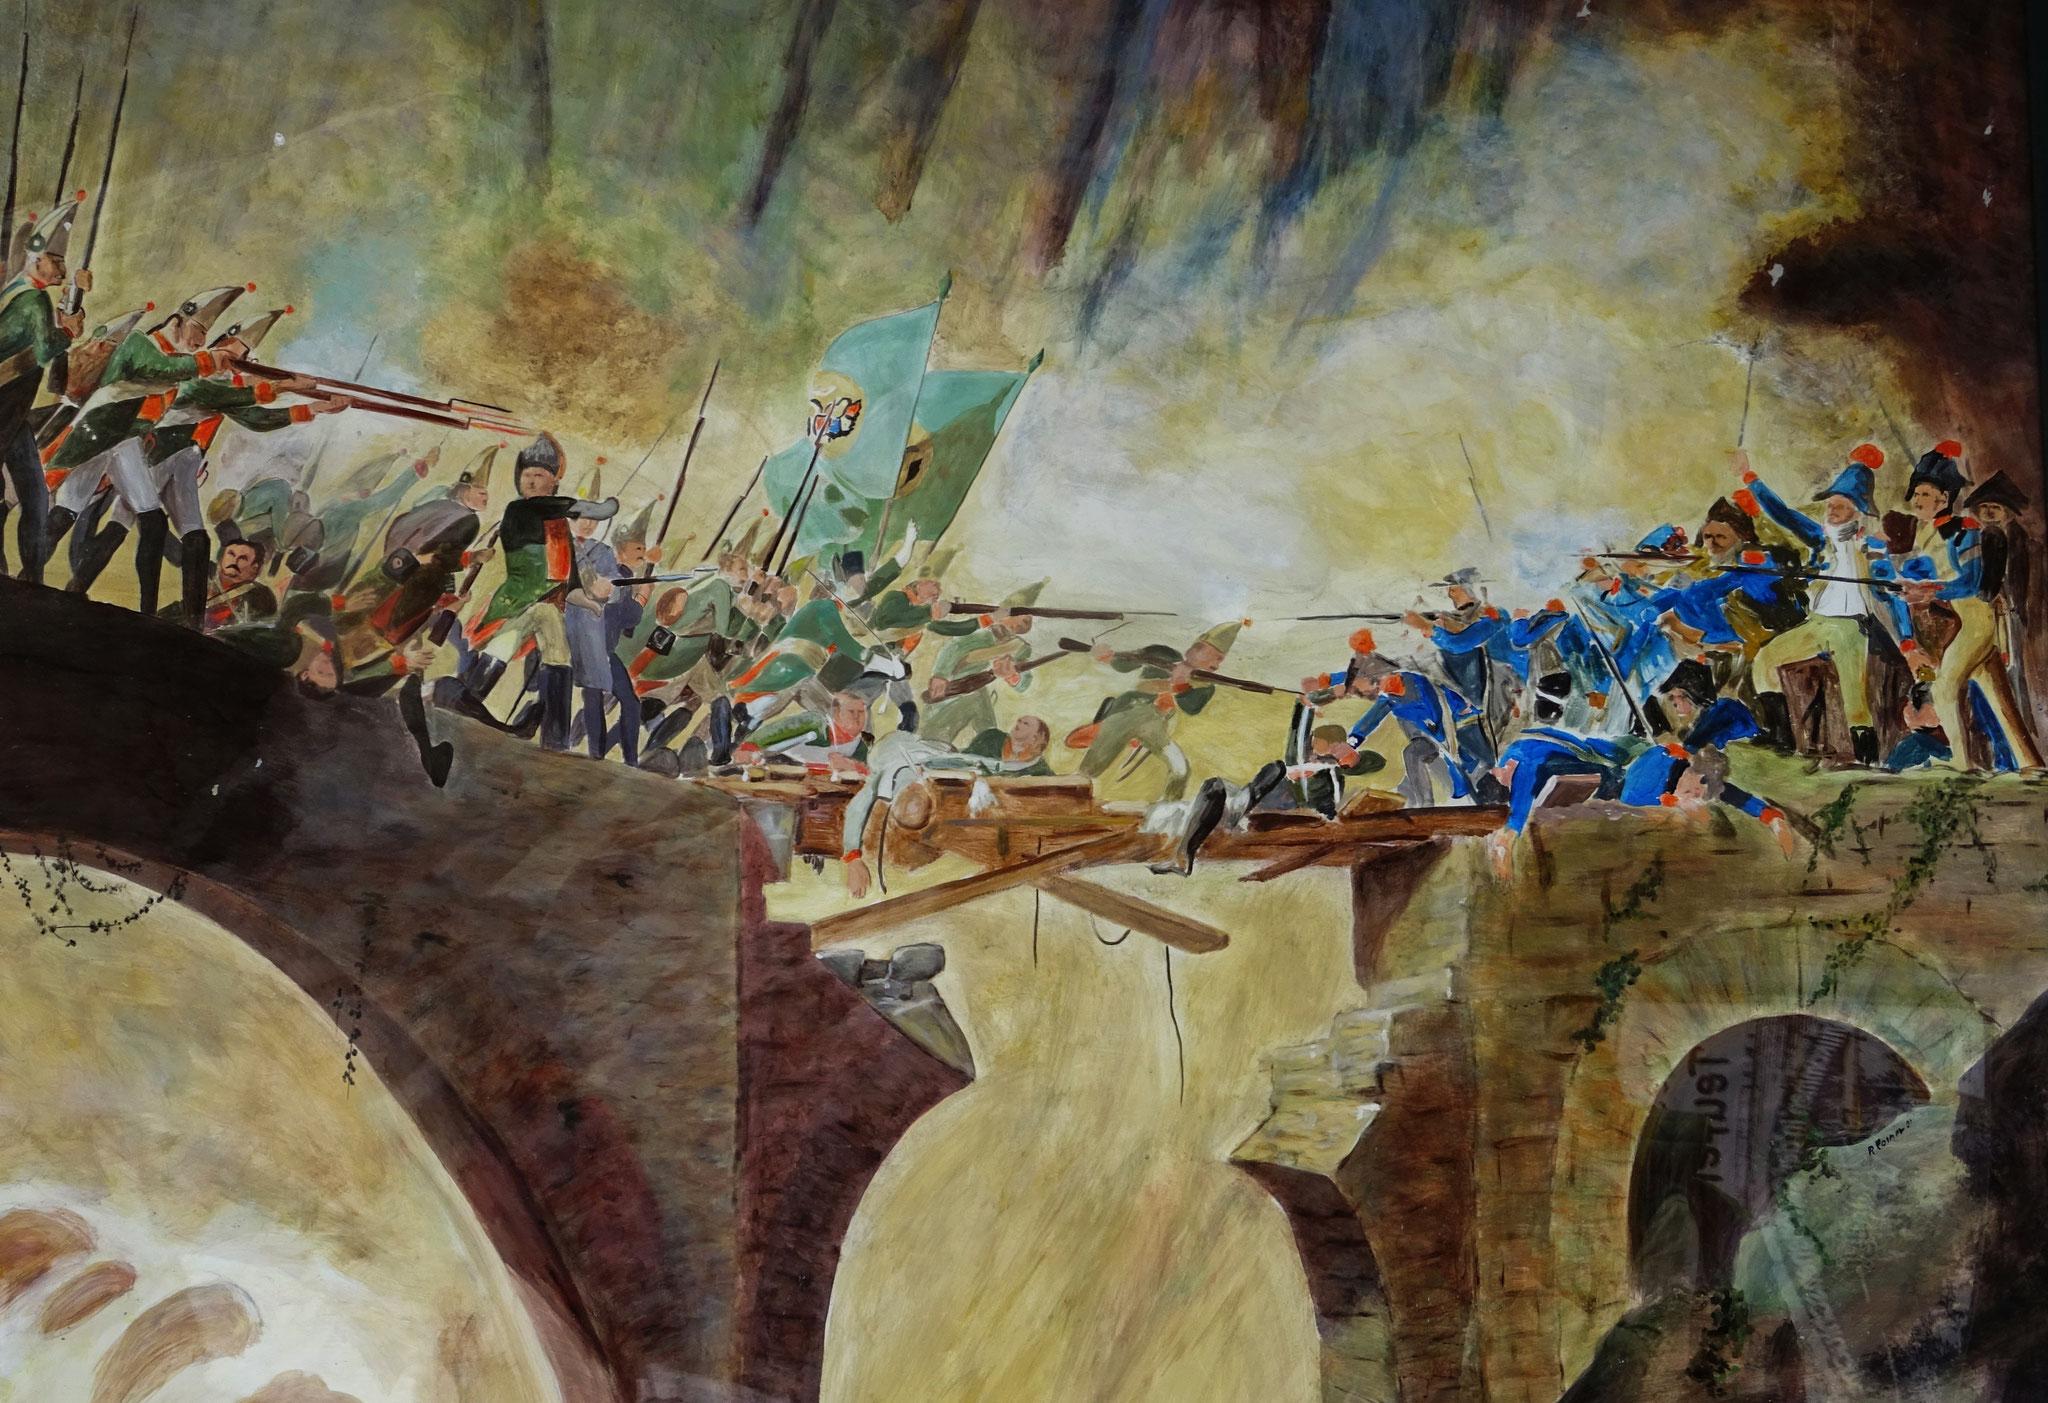 Gemälde der Schlacht von Suworow gegen die Franzosen auf der Teufelsbrücke